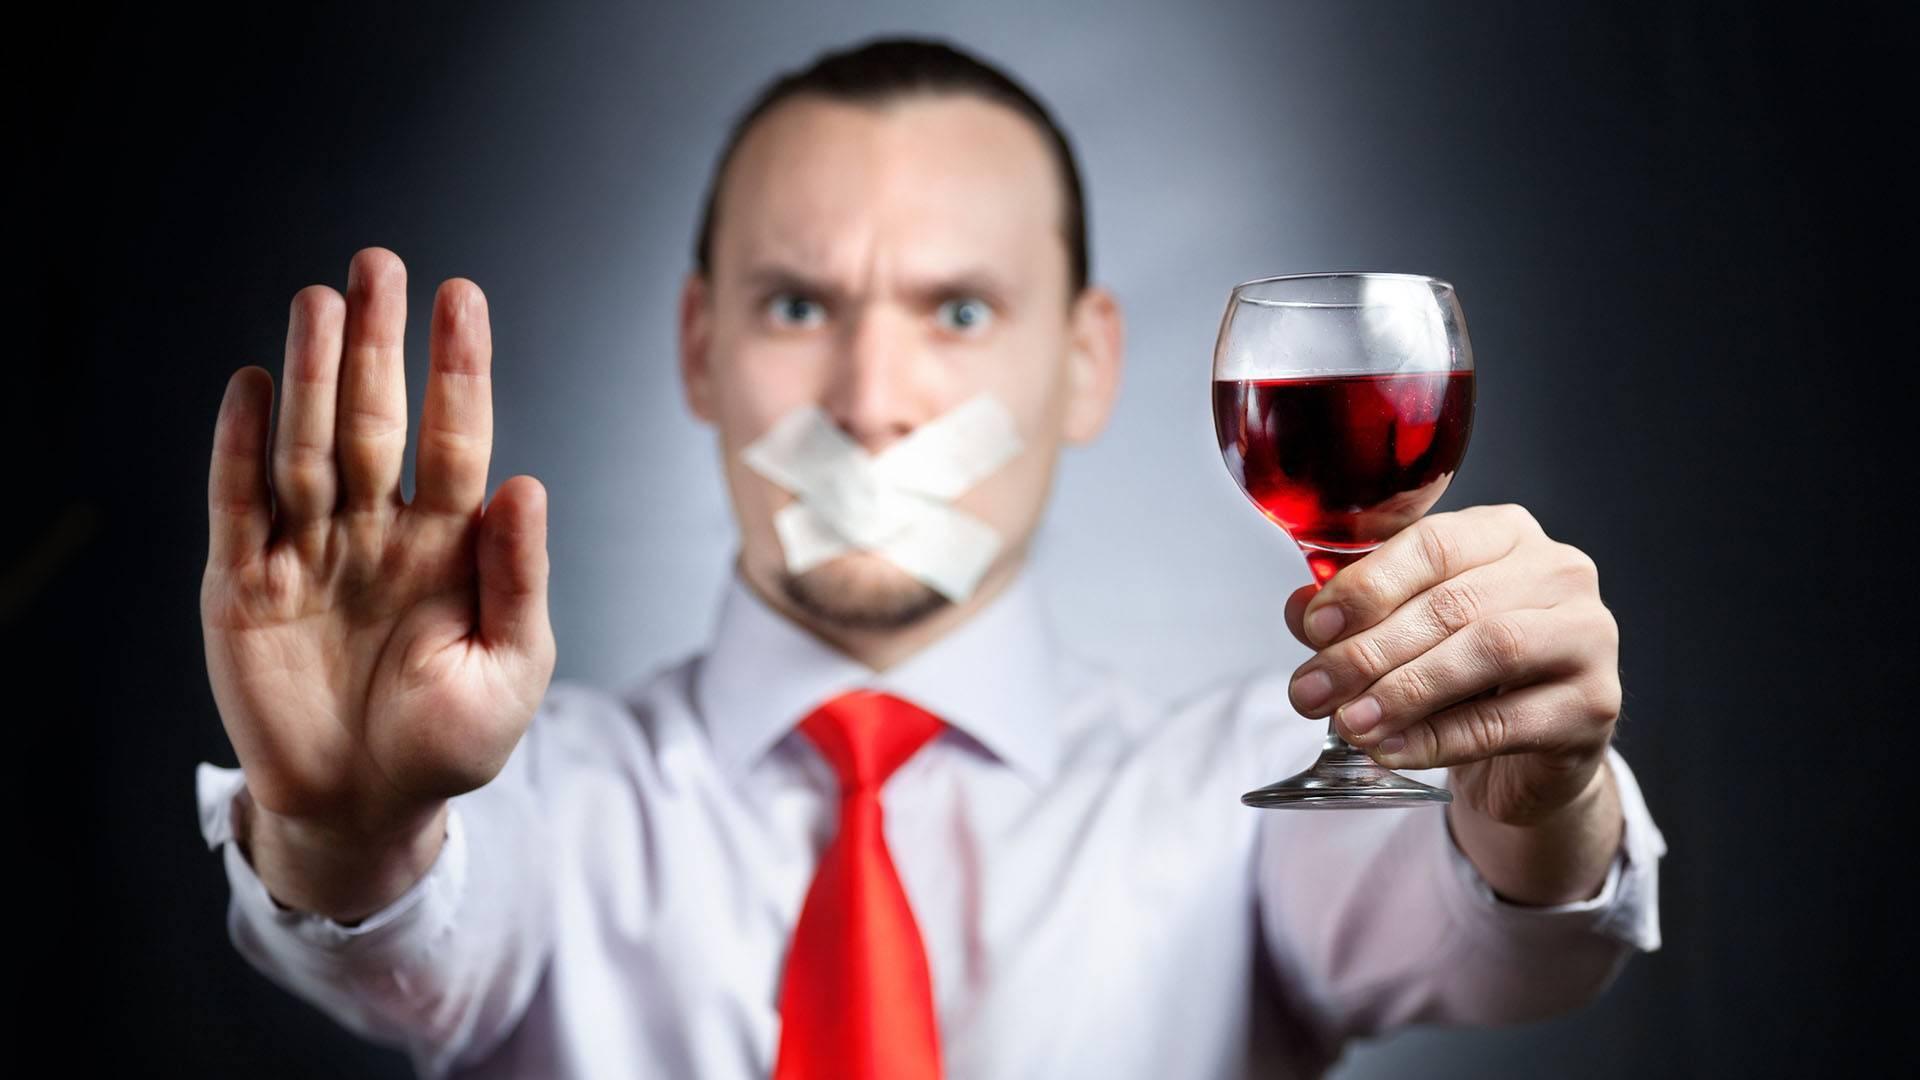 Можно ли резко бросить пить человеку с зависимостью?